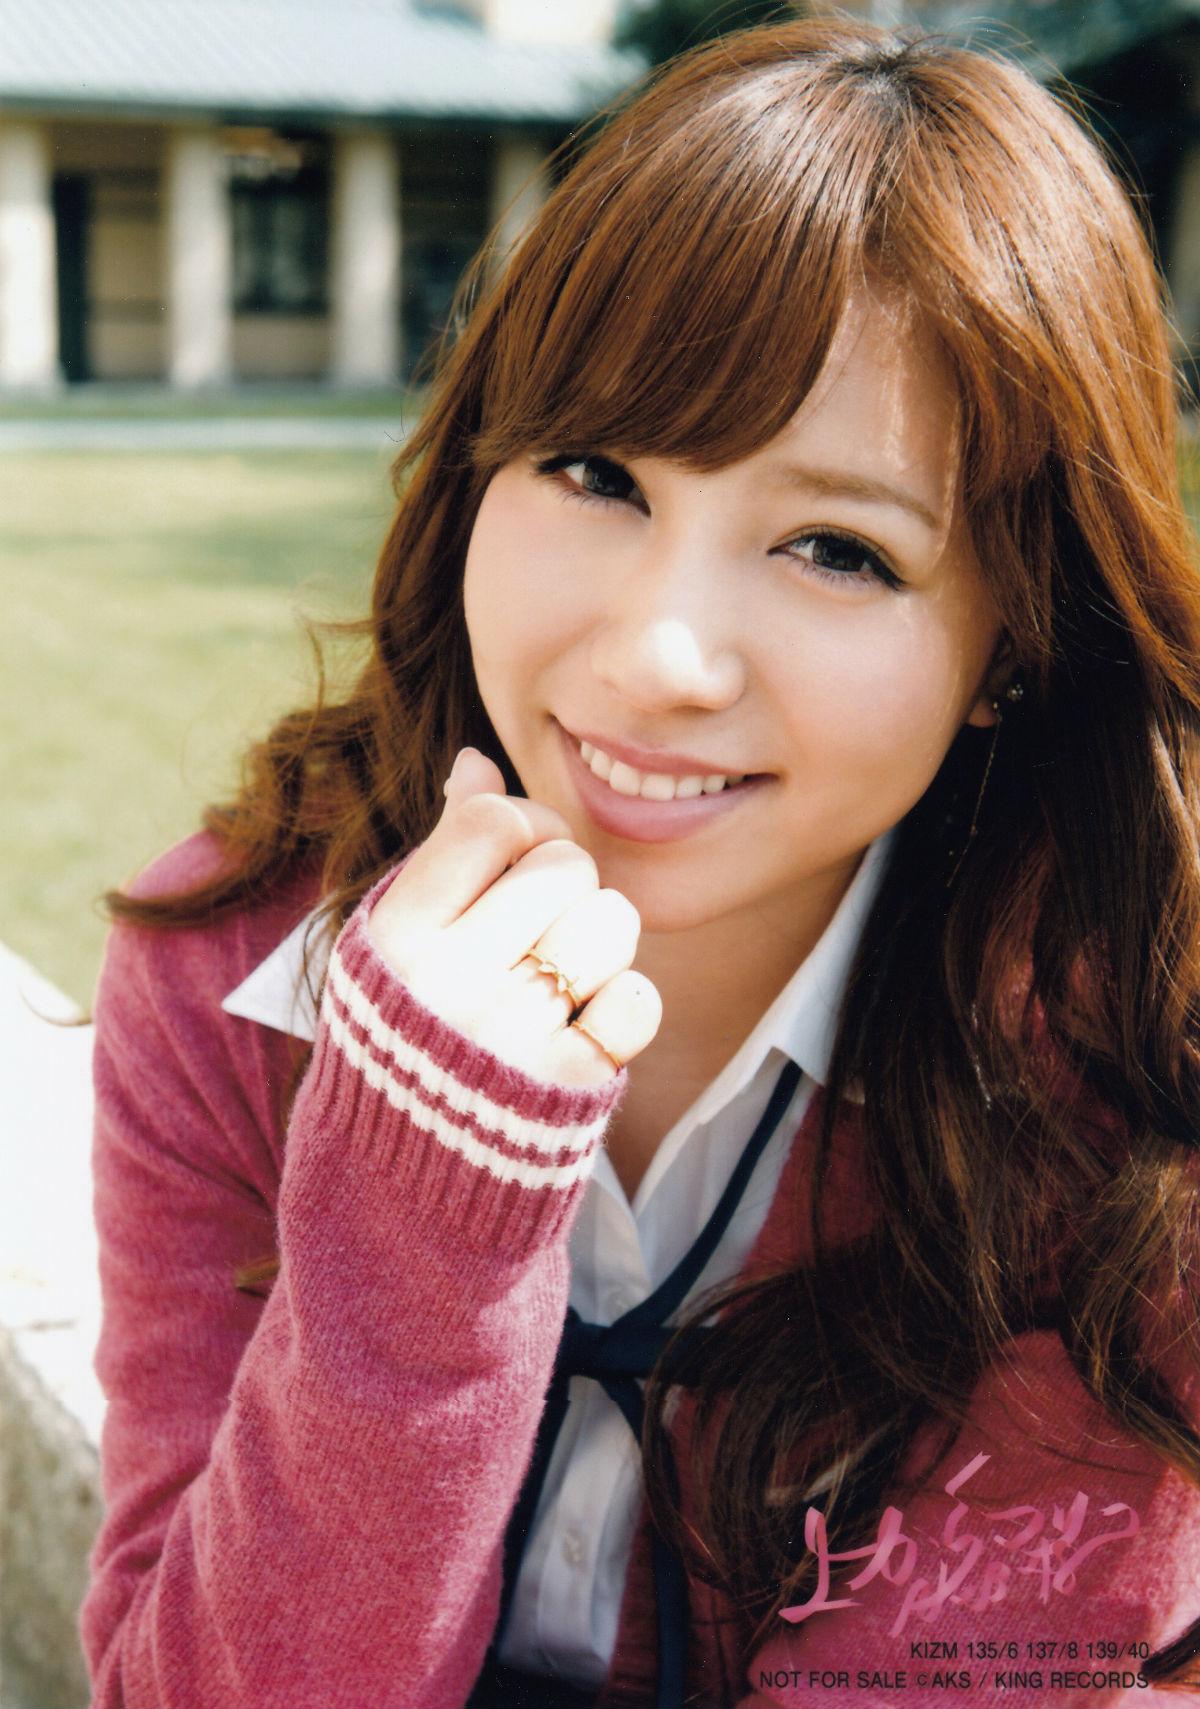 元AKB48の大人気メンバー!河西智美のかわいい画像のまとめ!のサムネイル画像